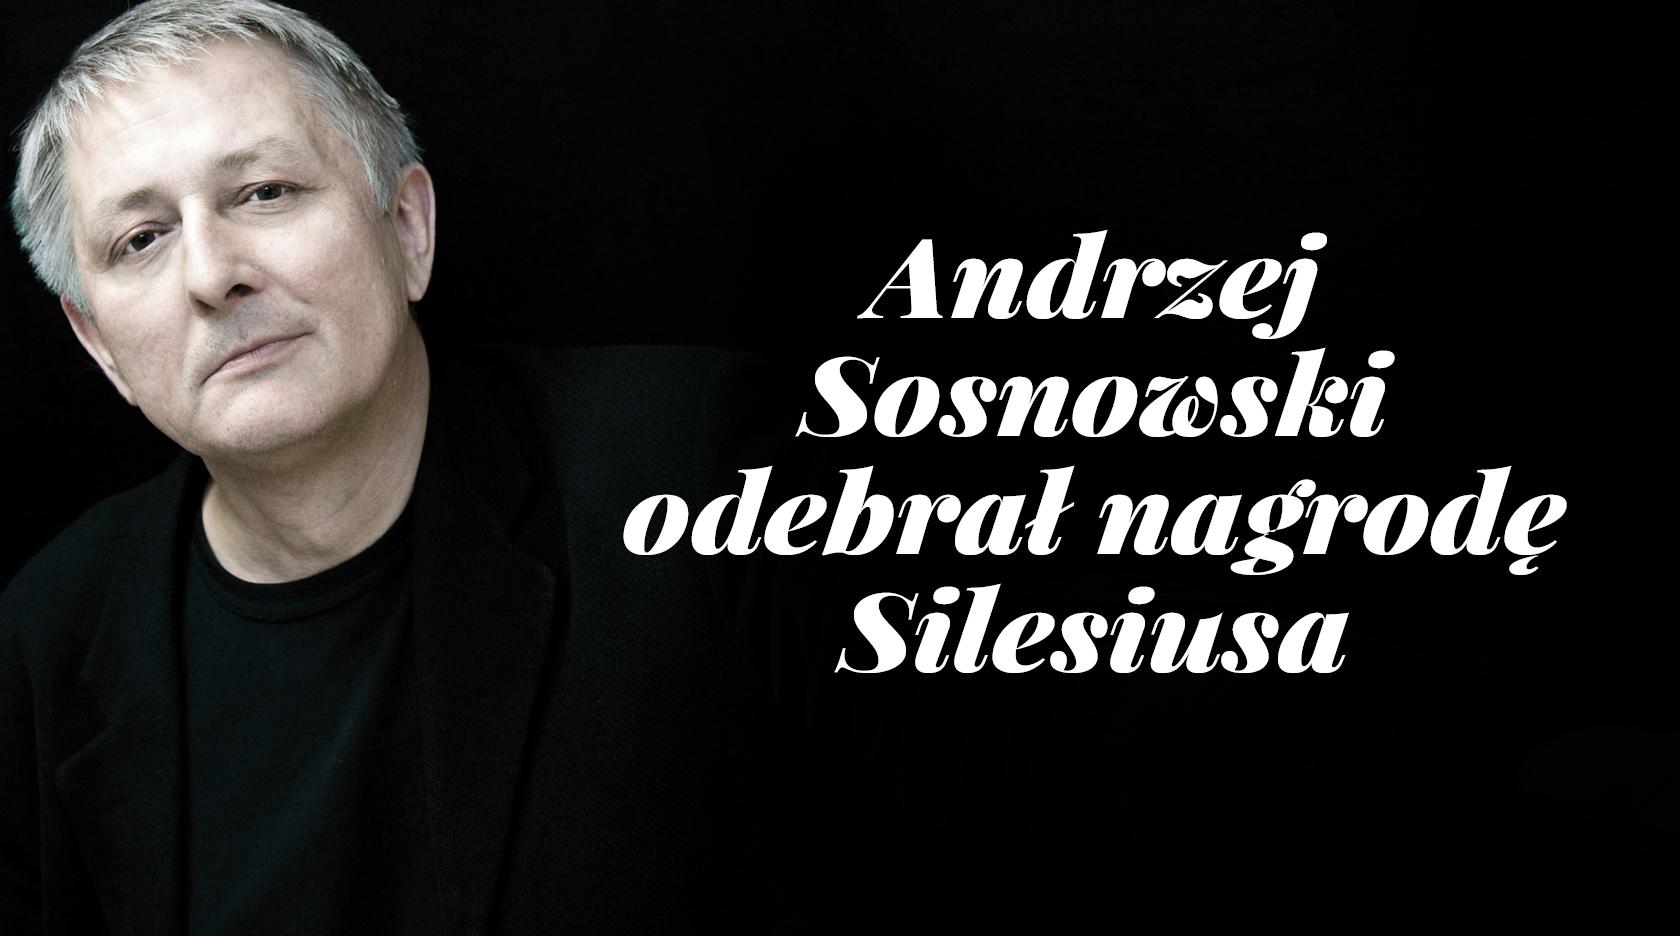 BL Img 2017.05.13 Andrzej Sosnowski odebrał Nagrodę Silesiusa_www_top